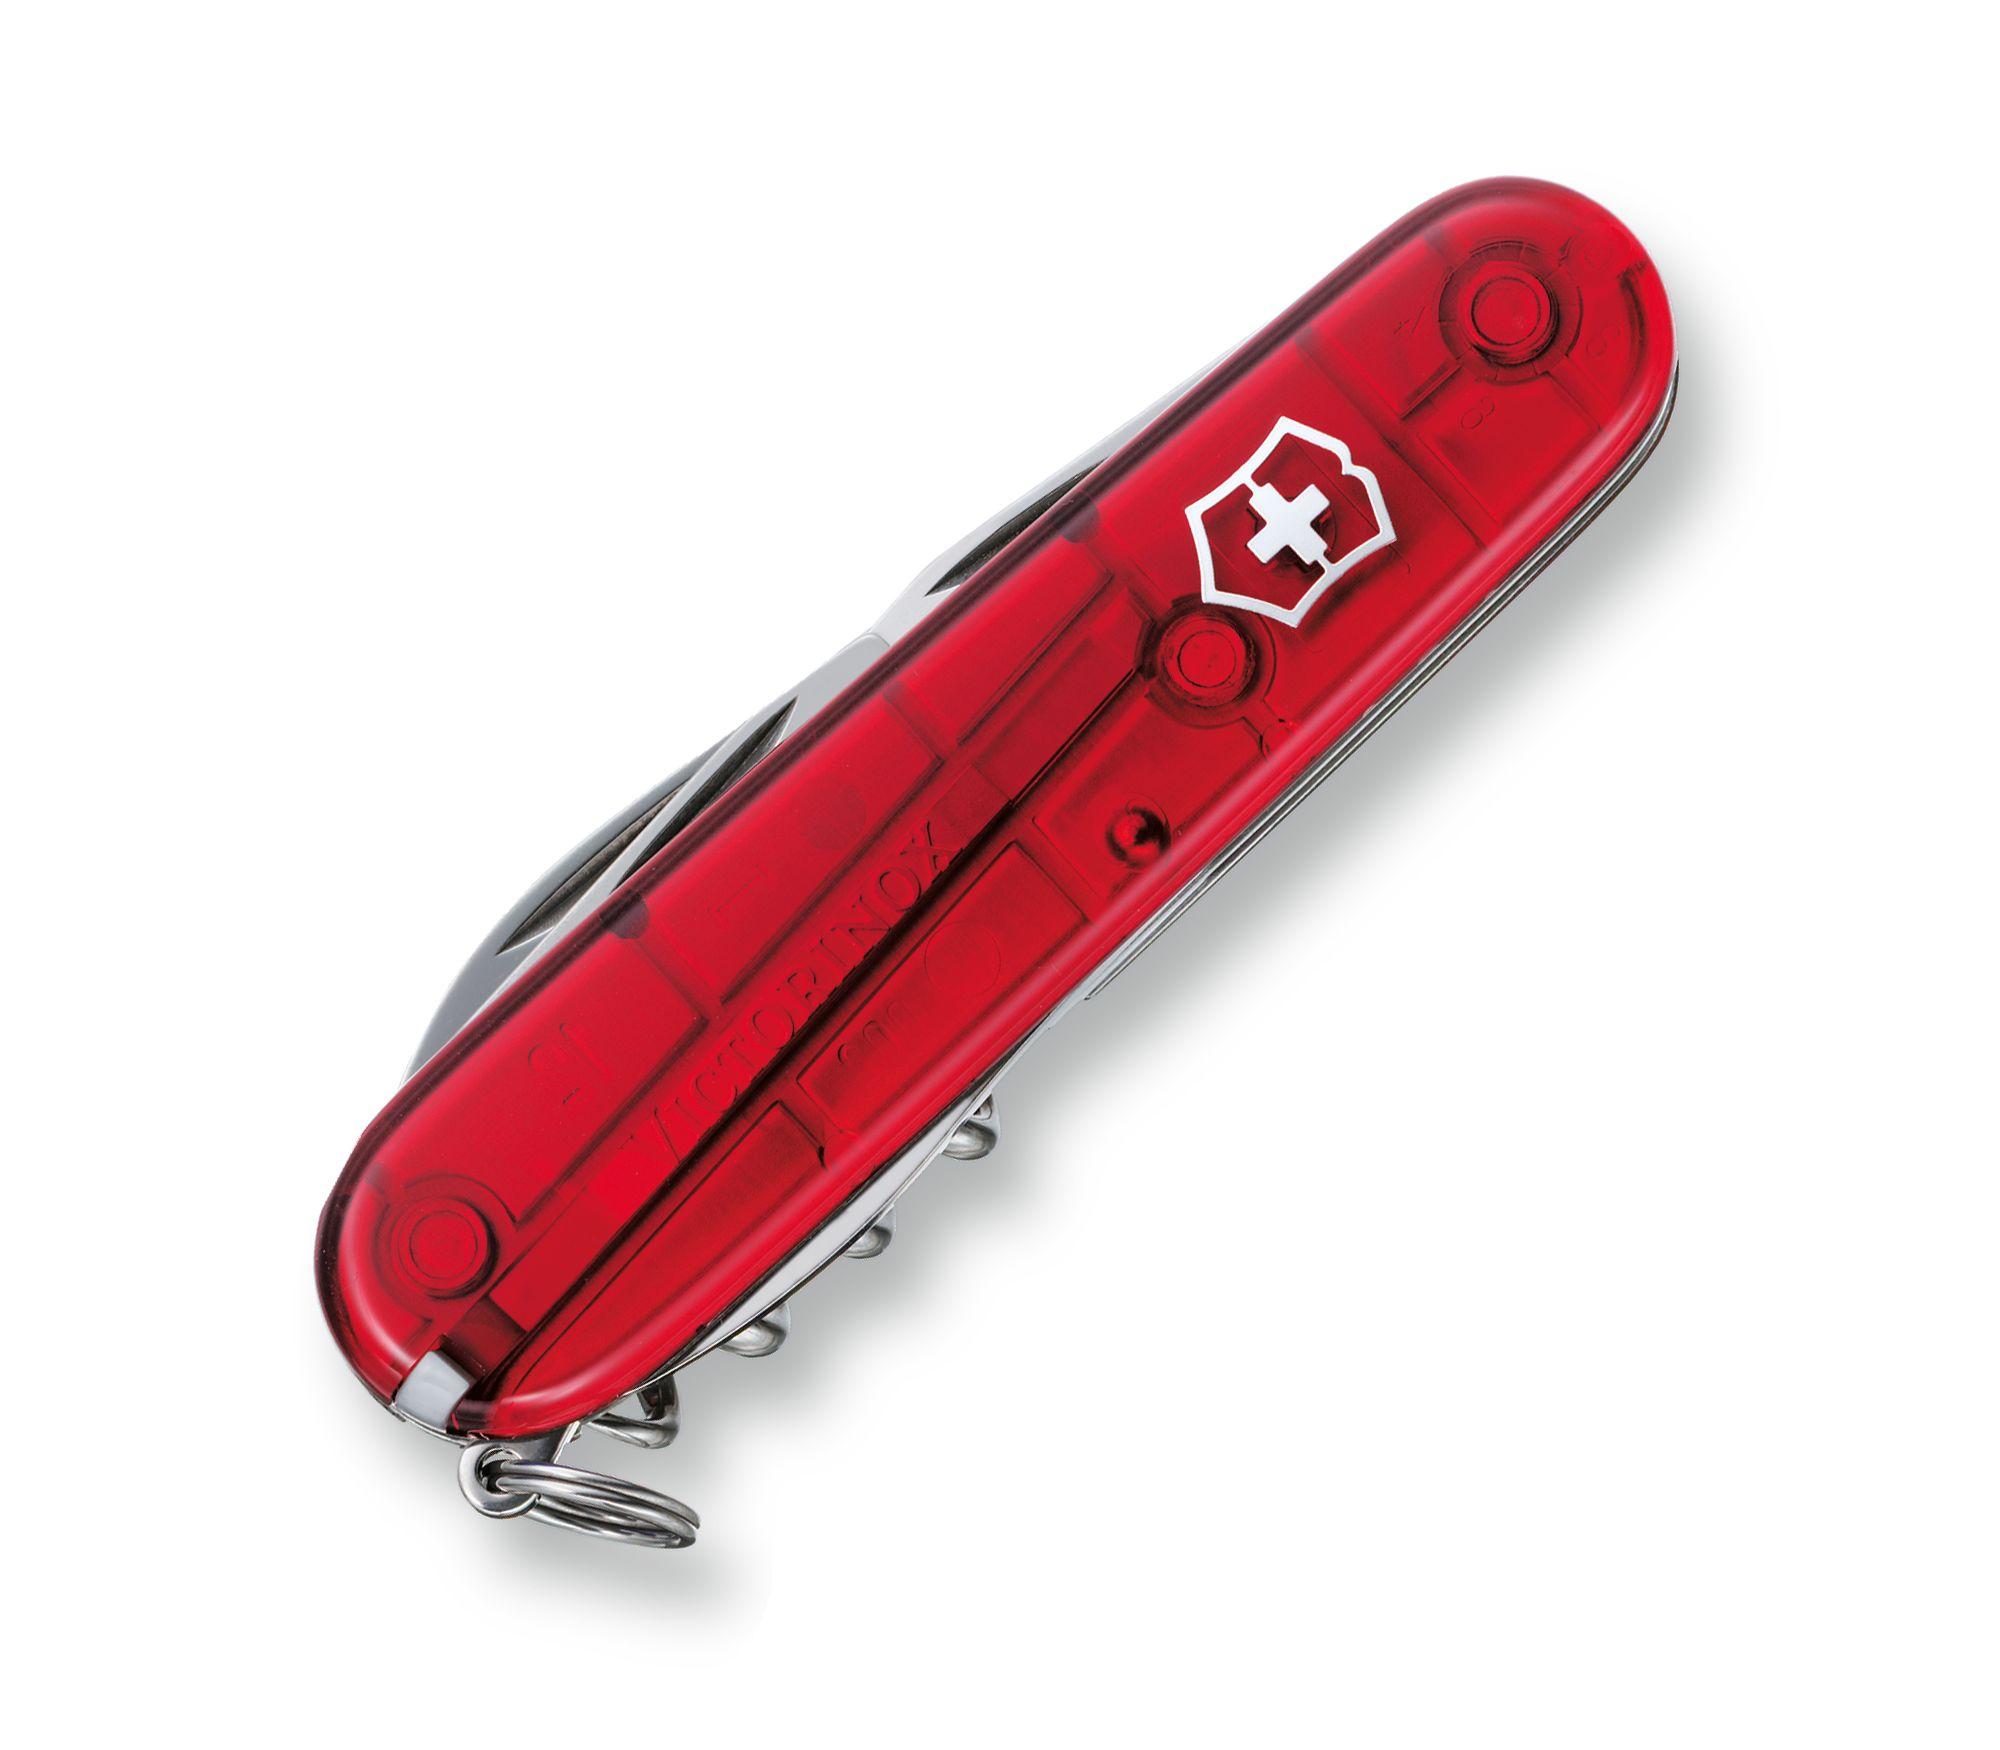 VICTORINOX Spartan Trans Multitool Pocket Knife